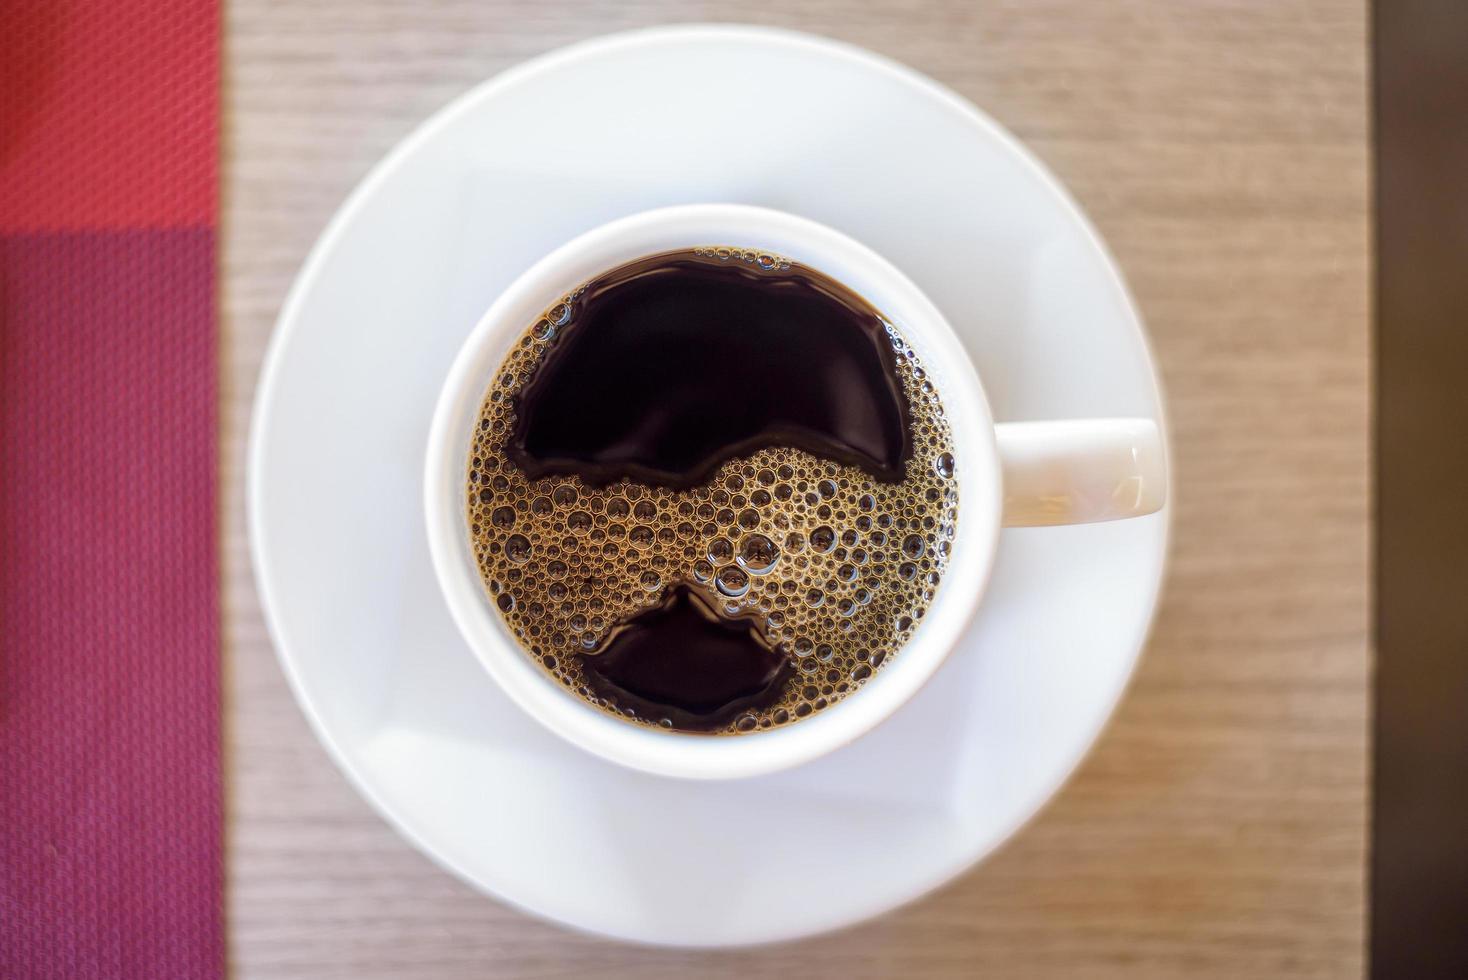 vue de dessus de la tasse de café noir chaud photo